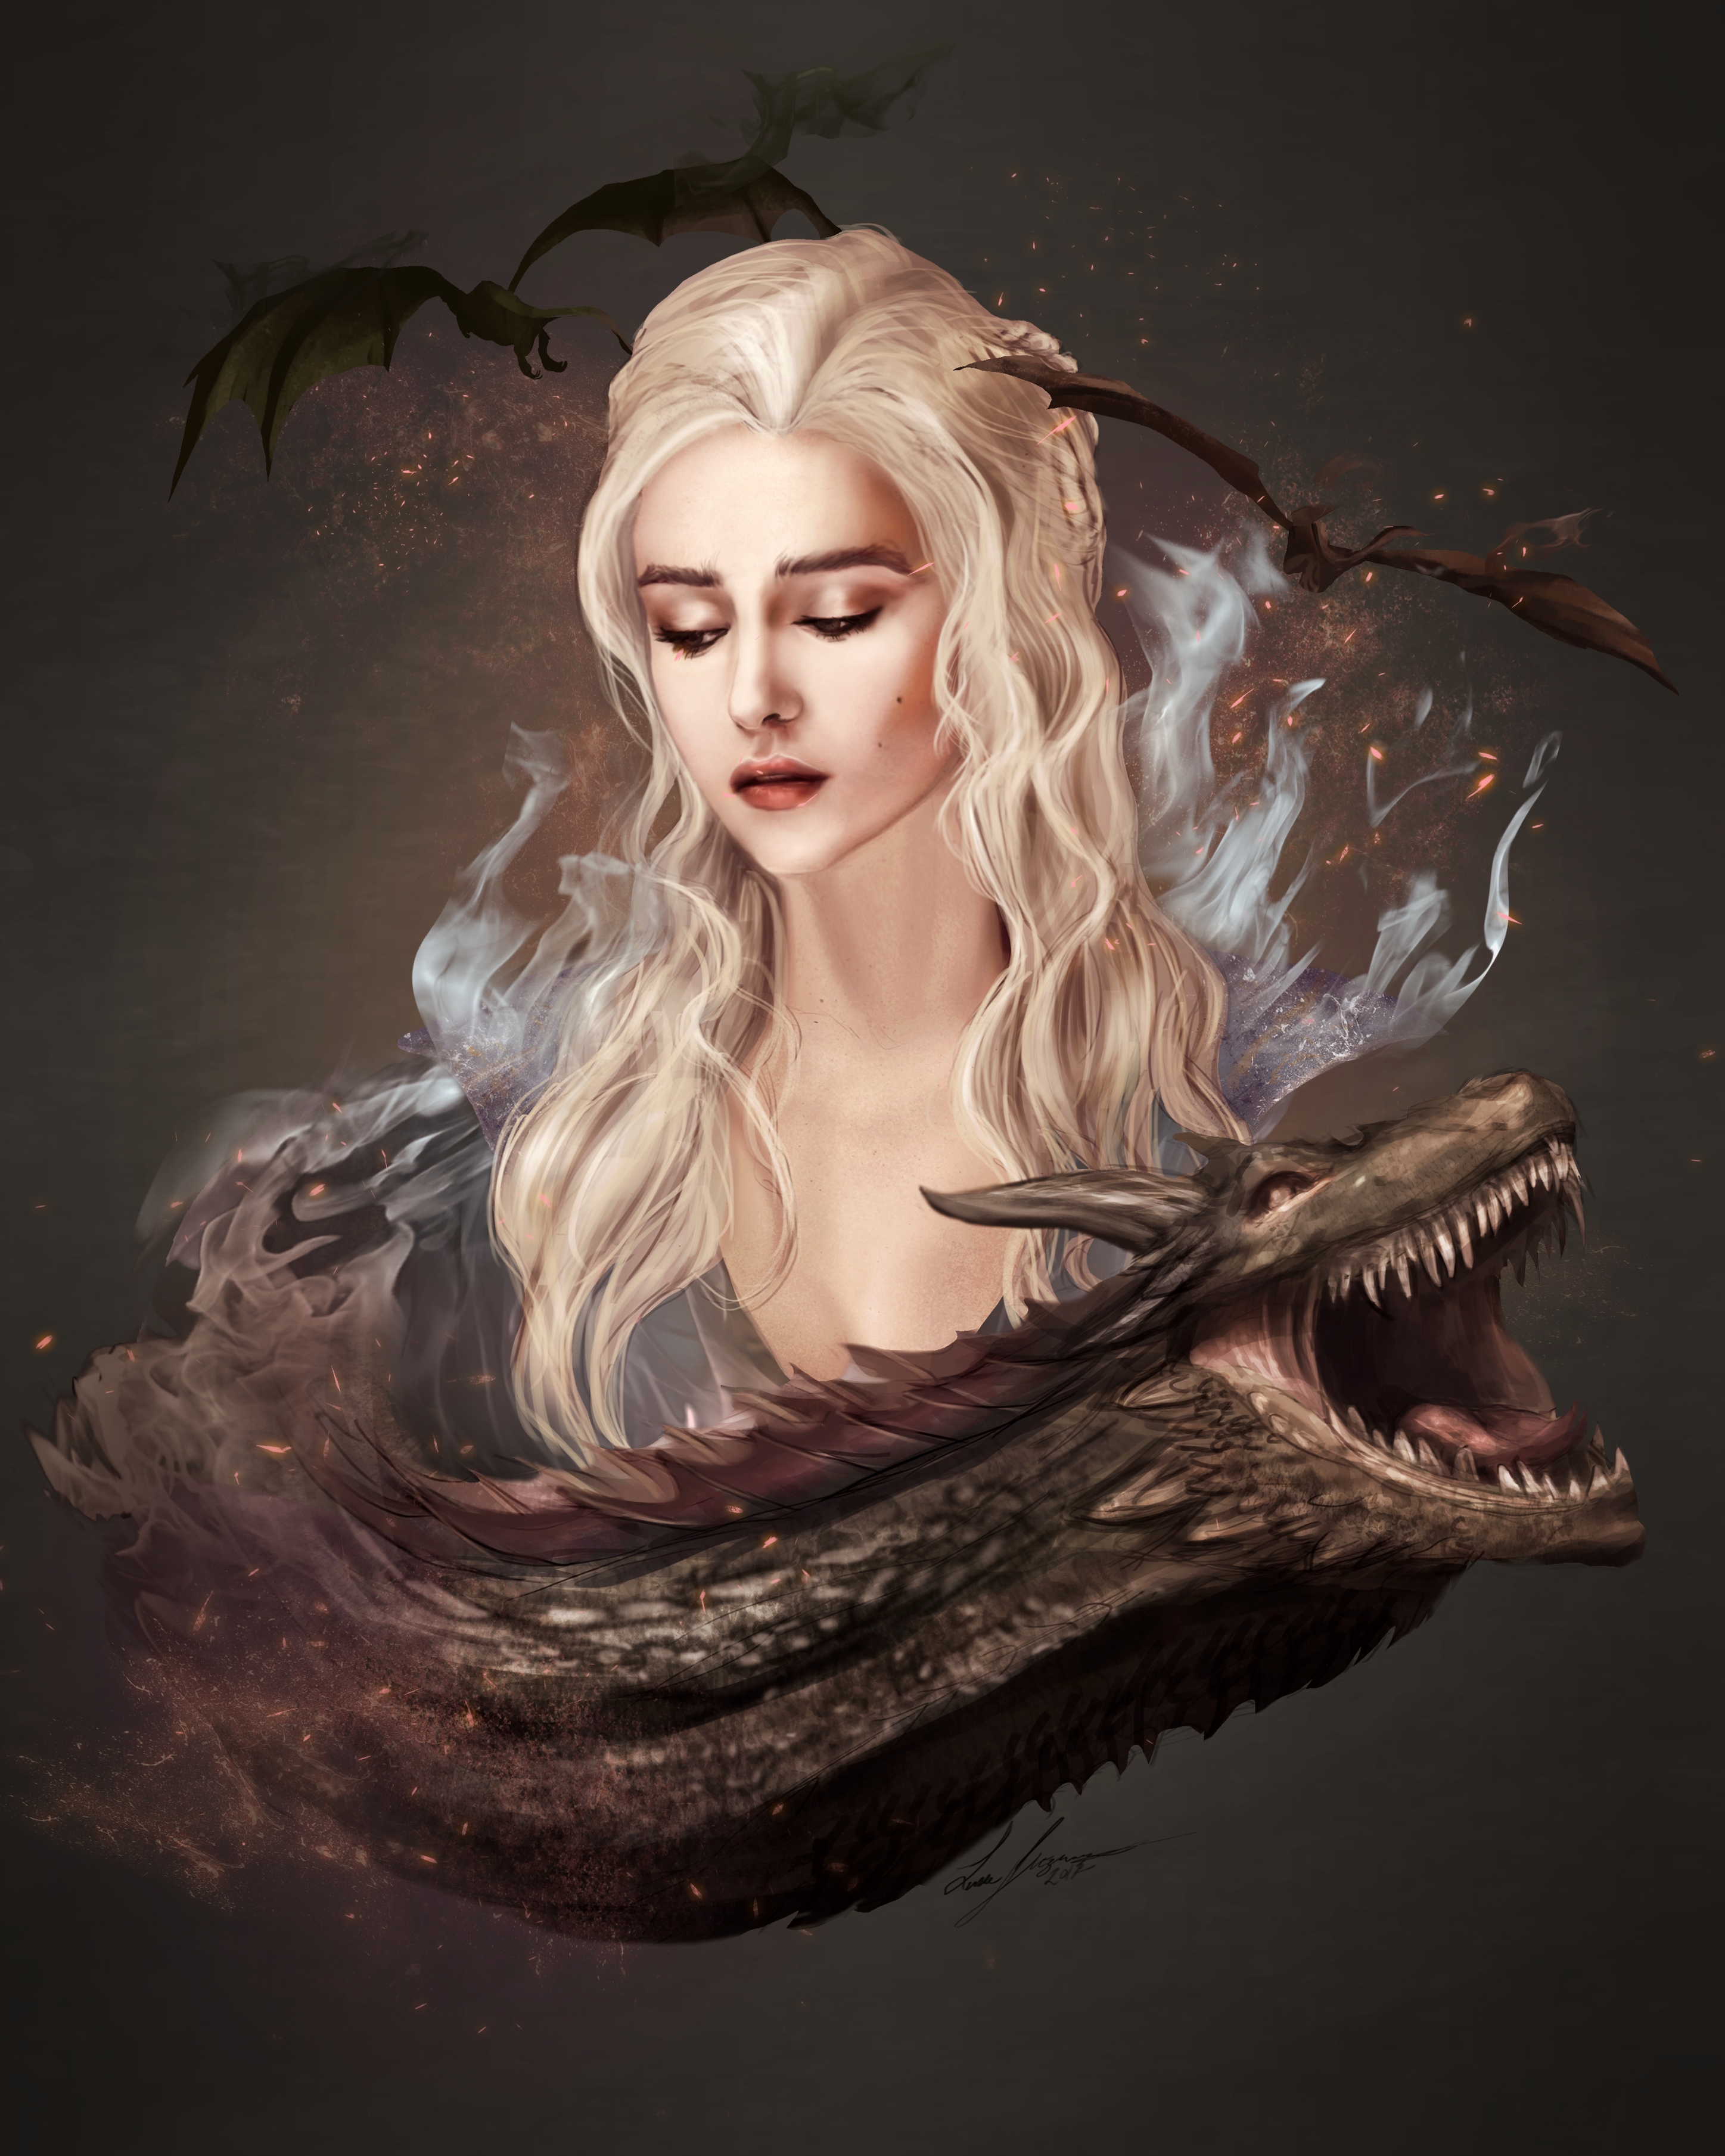 Daenerys Tagaryen